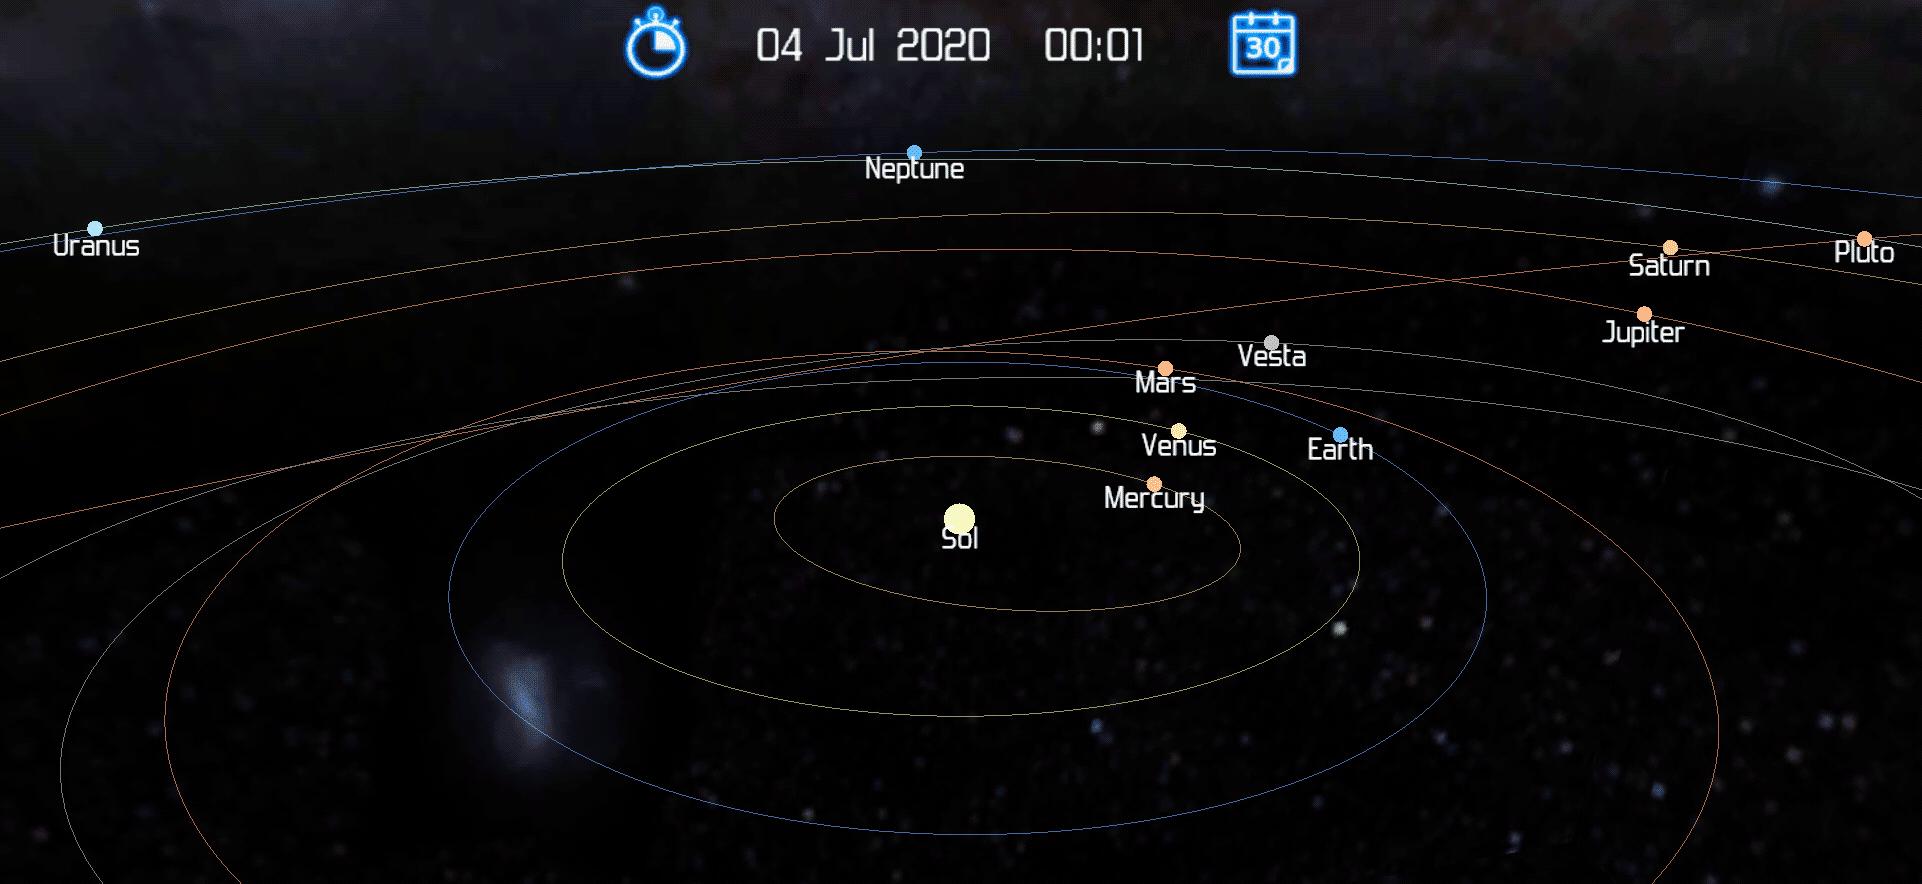 محاكاة كواكب المجموعة الشمسية